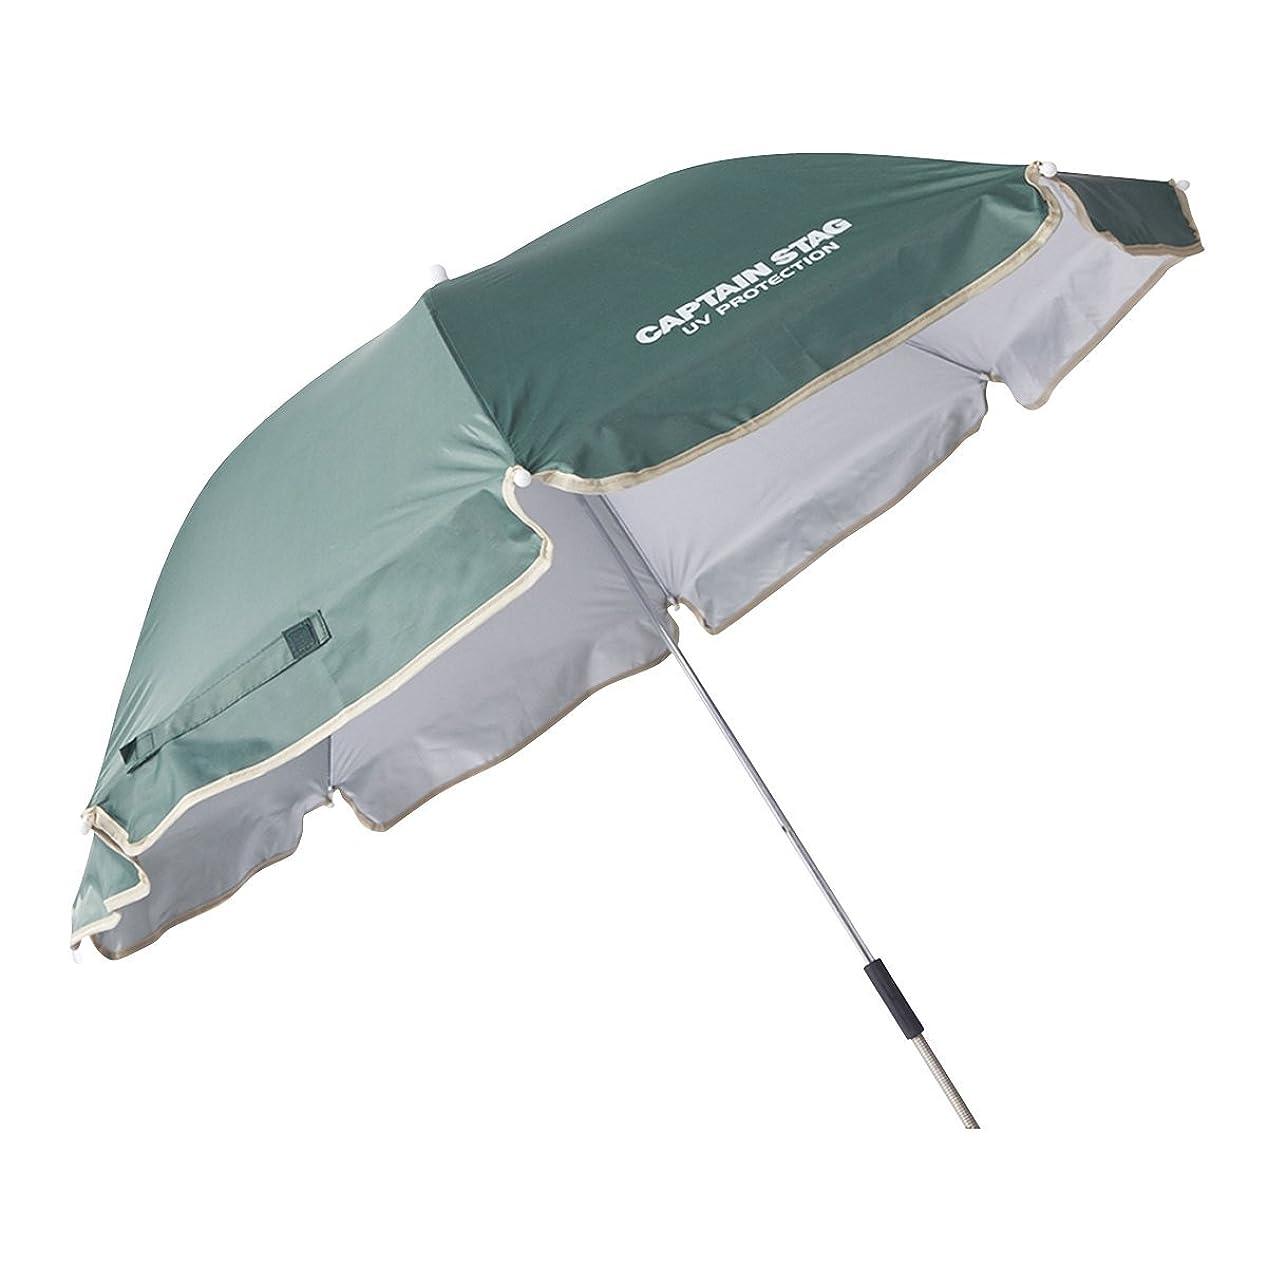 残酷磨かれた辞書キャプテンスタッグ(CAPTAIN STAG) アウトドア CS デタッチャブル  チェア用 パラソル 椅子用傘 日よけ